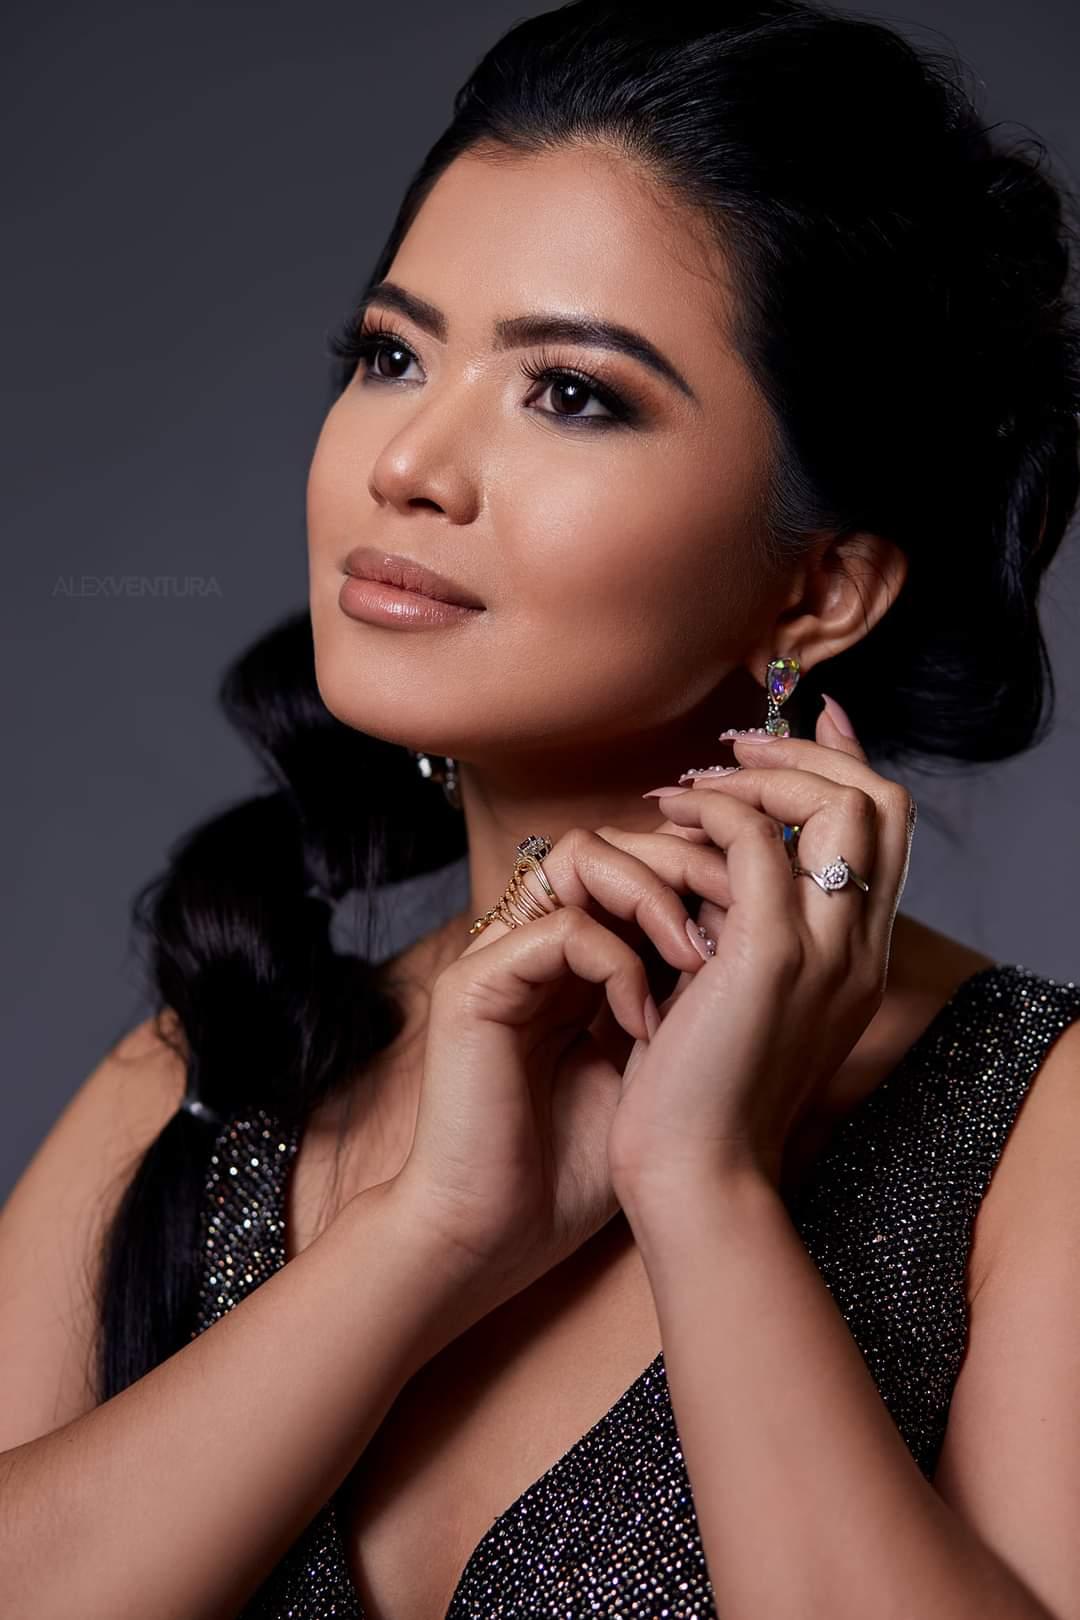 Mrs. Philippines World 2020 on Hmaratalent